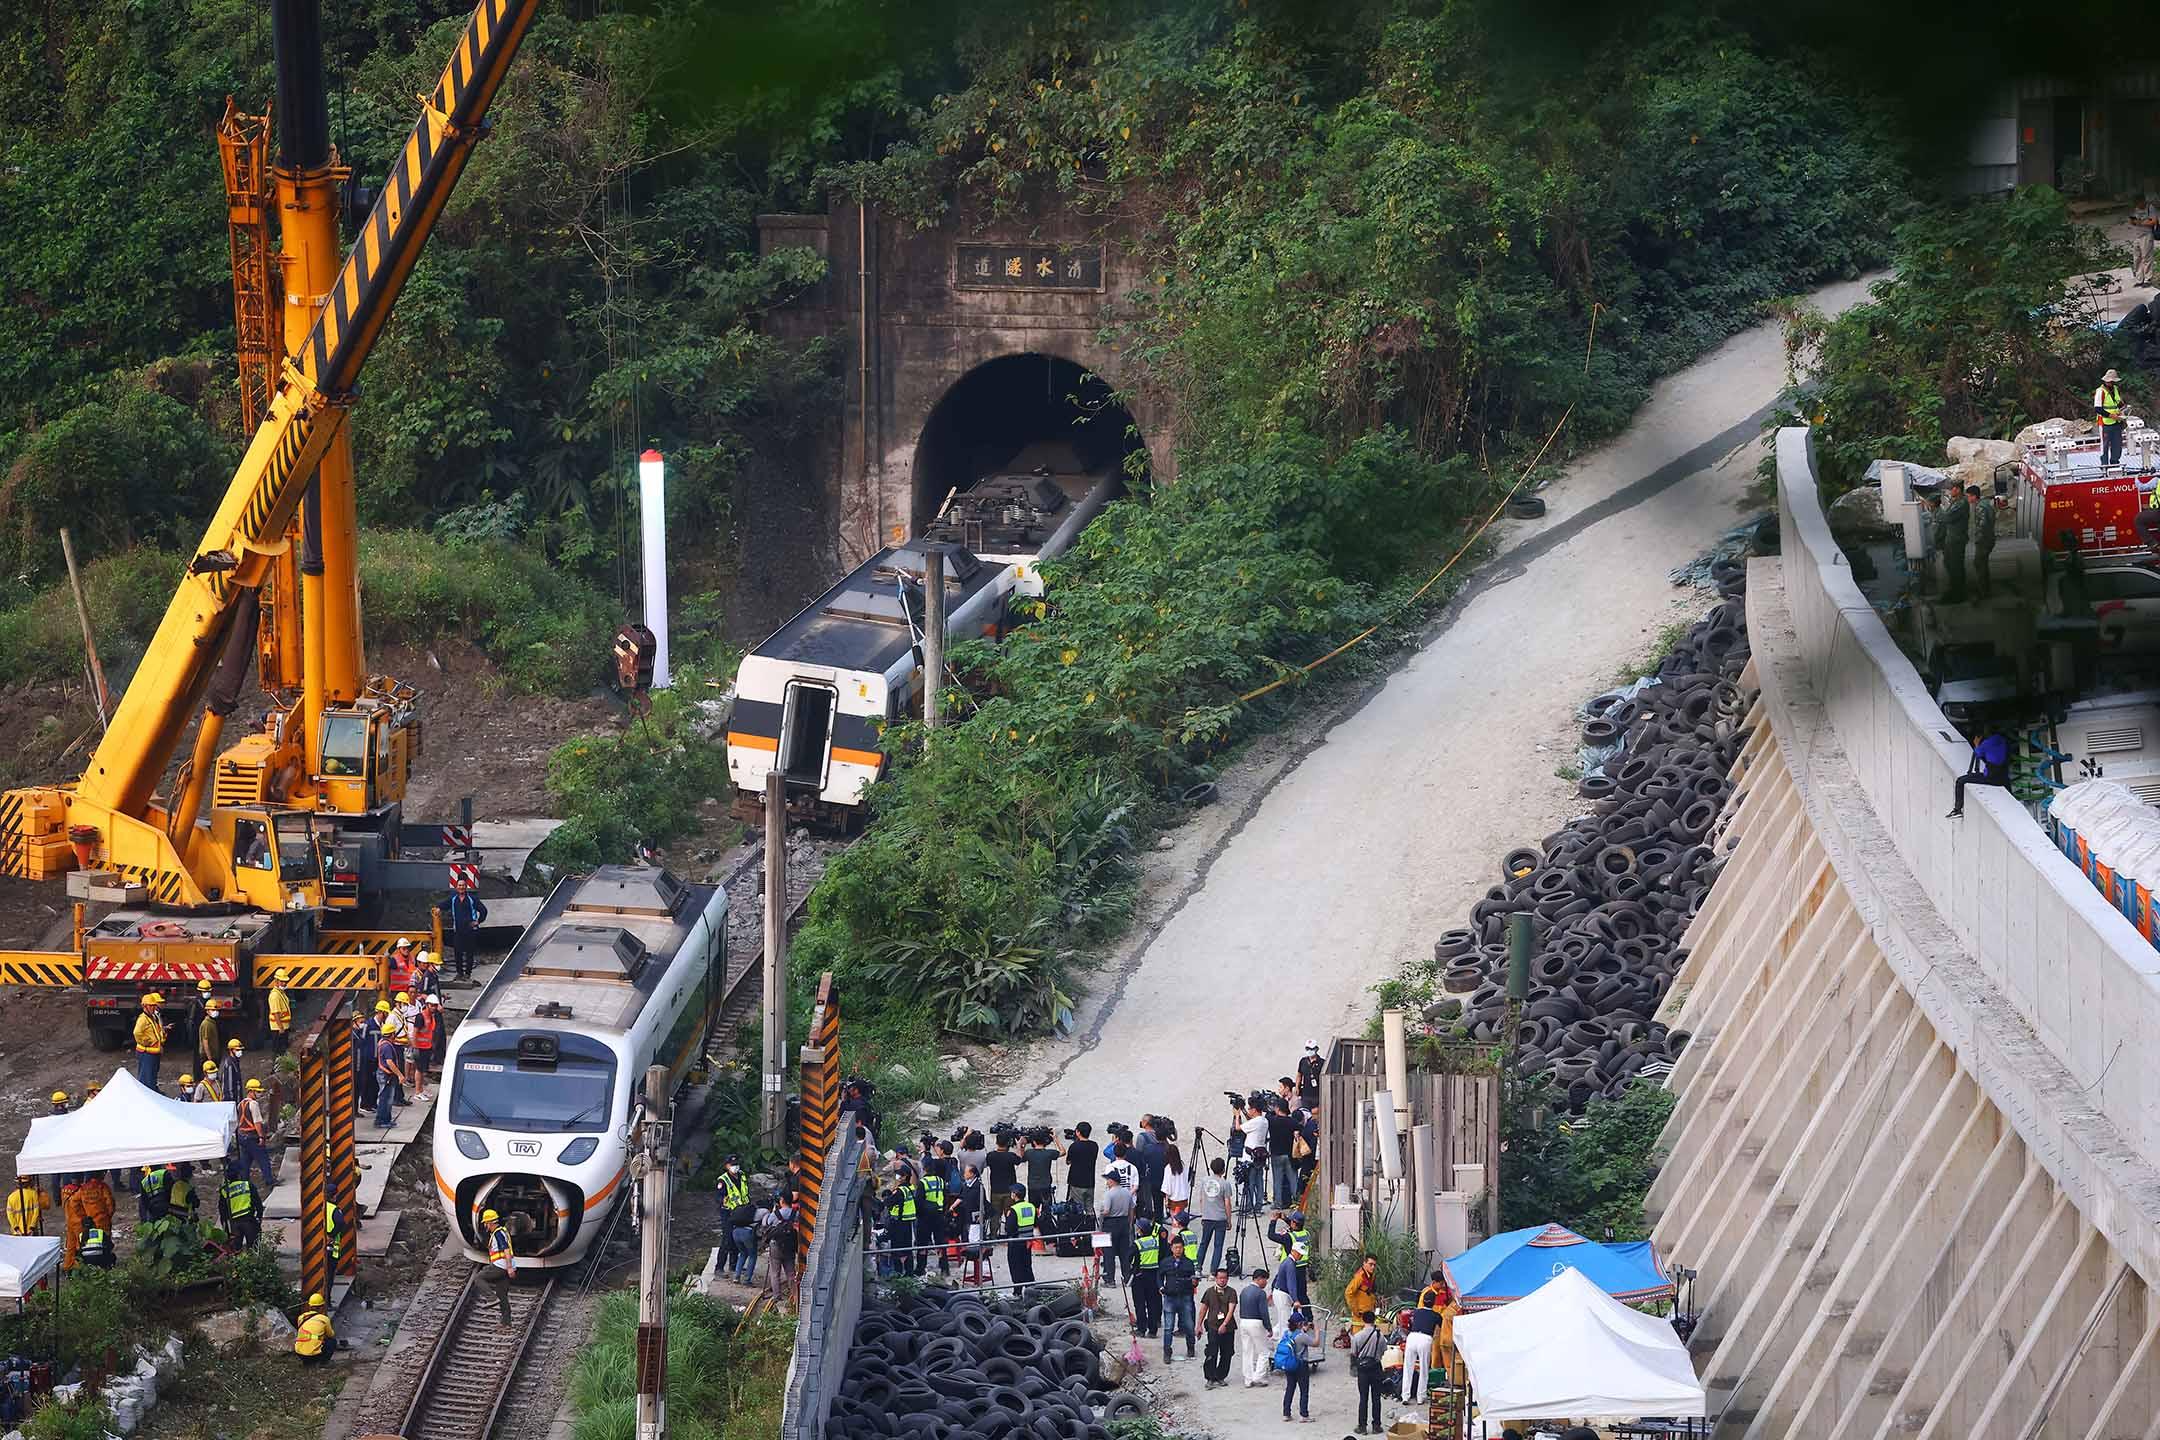 2021年4月3日花蓮,清水隧道發生致命的火車脫軌事故,救援人員在現場工作。